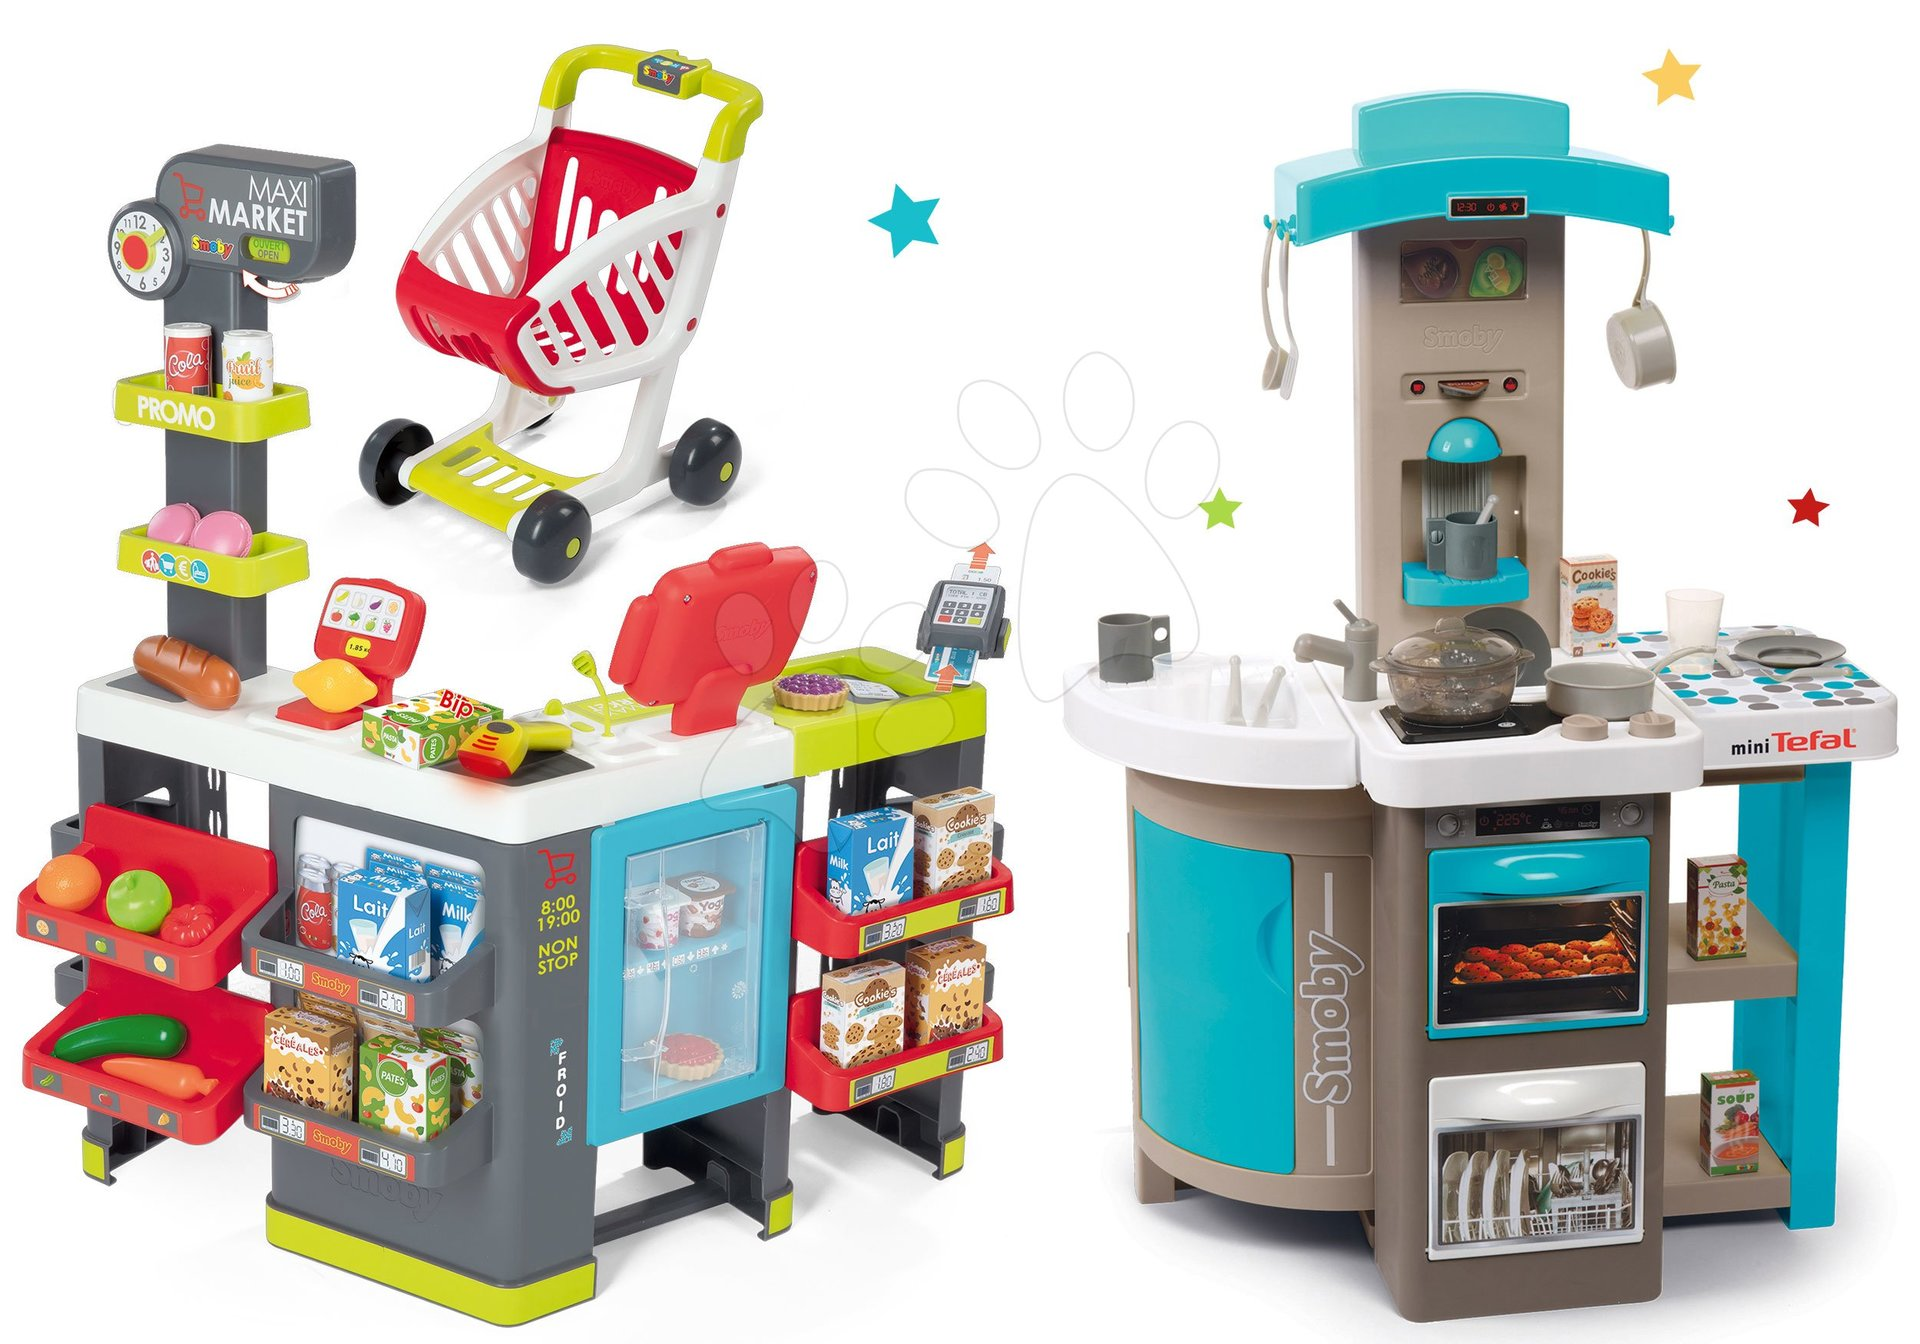 Set kuchynka skladacia Tefal Opencook Bubble Smoby modrá s magickým bublaním a kávovarom a obchod Maxi Market elektronický